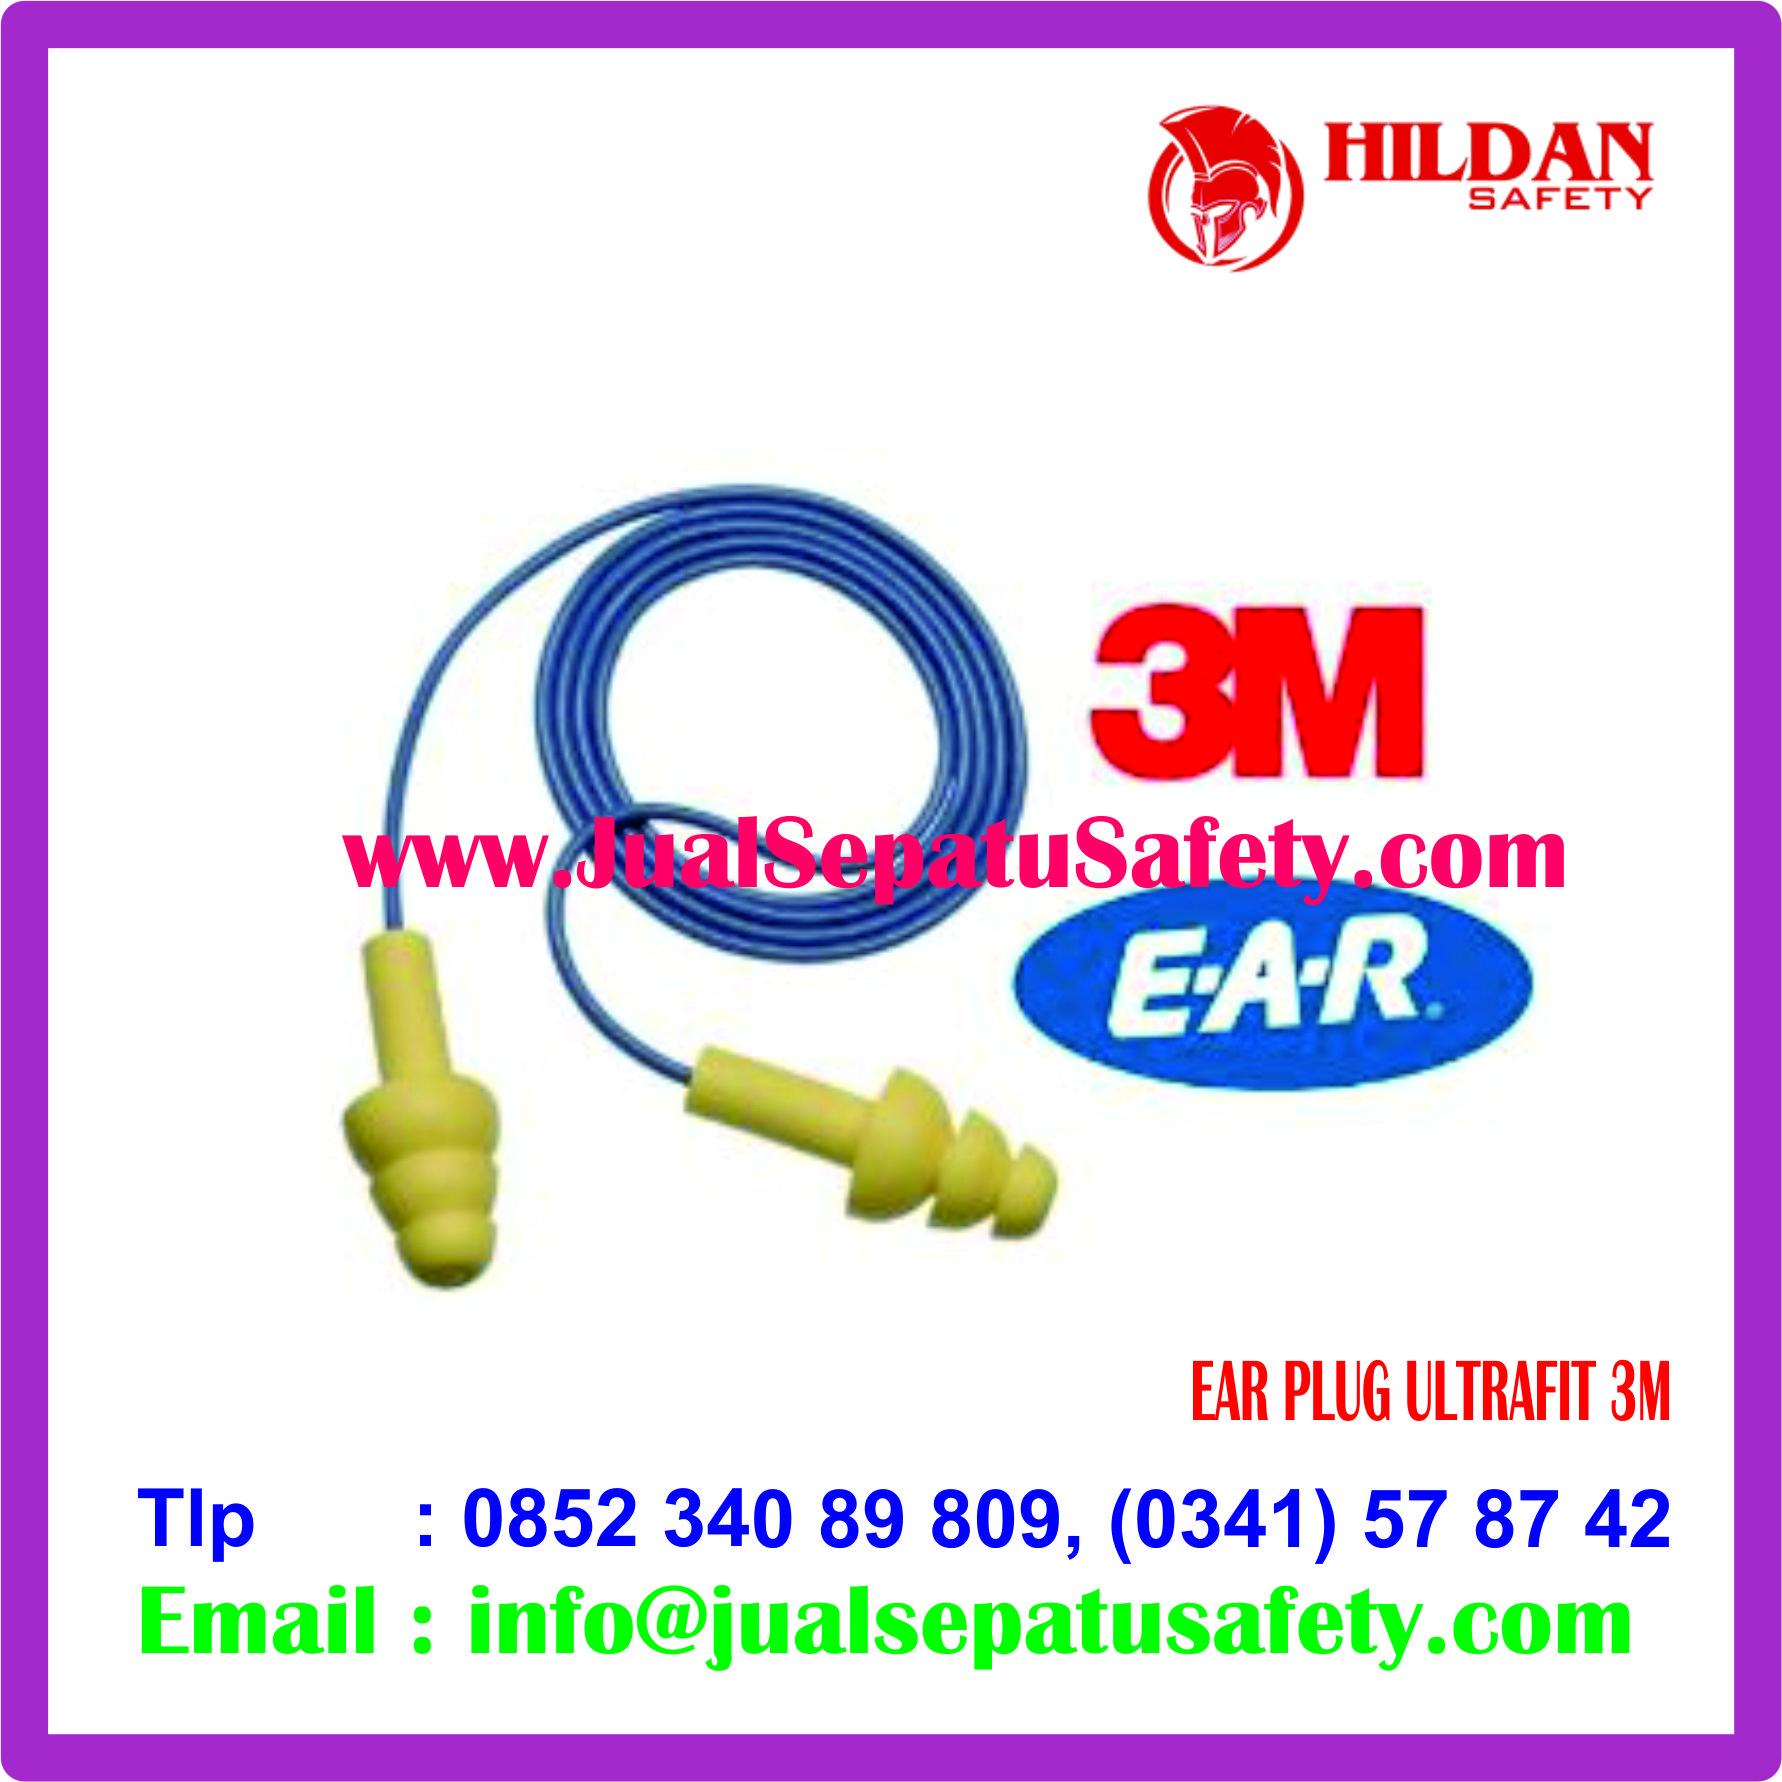 EAR PLUG ULTRAFIT